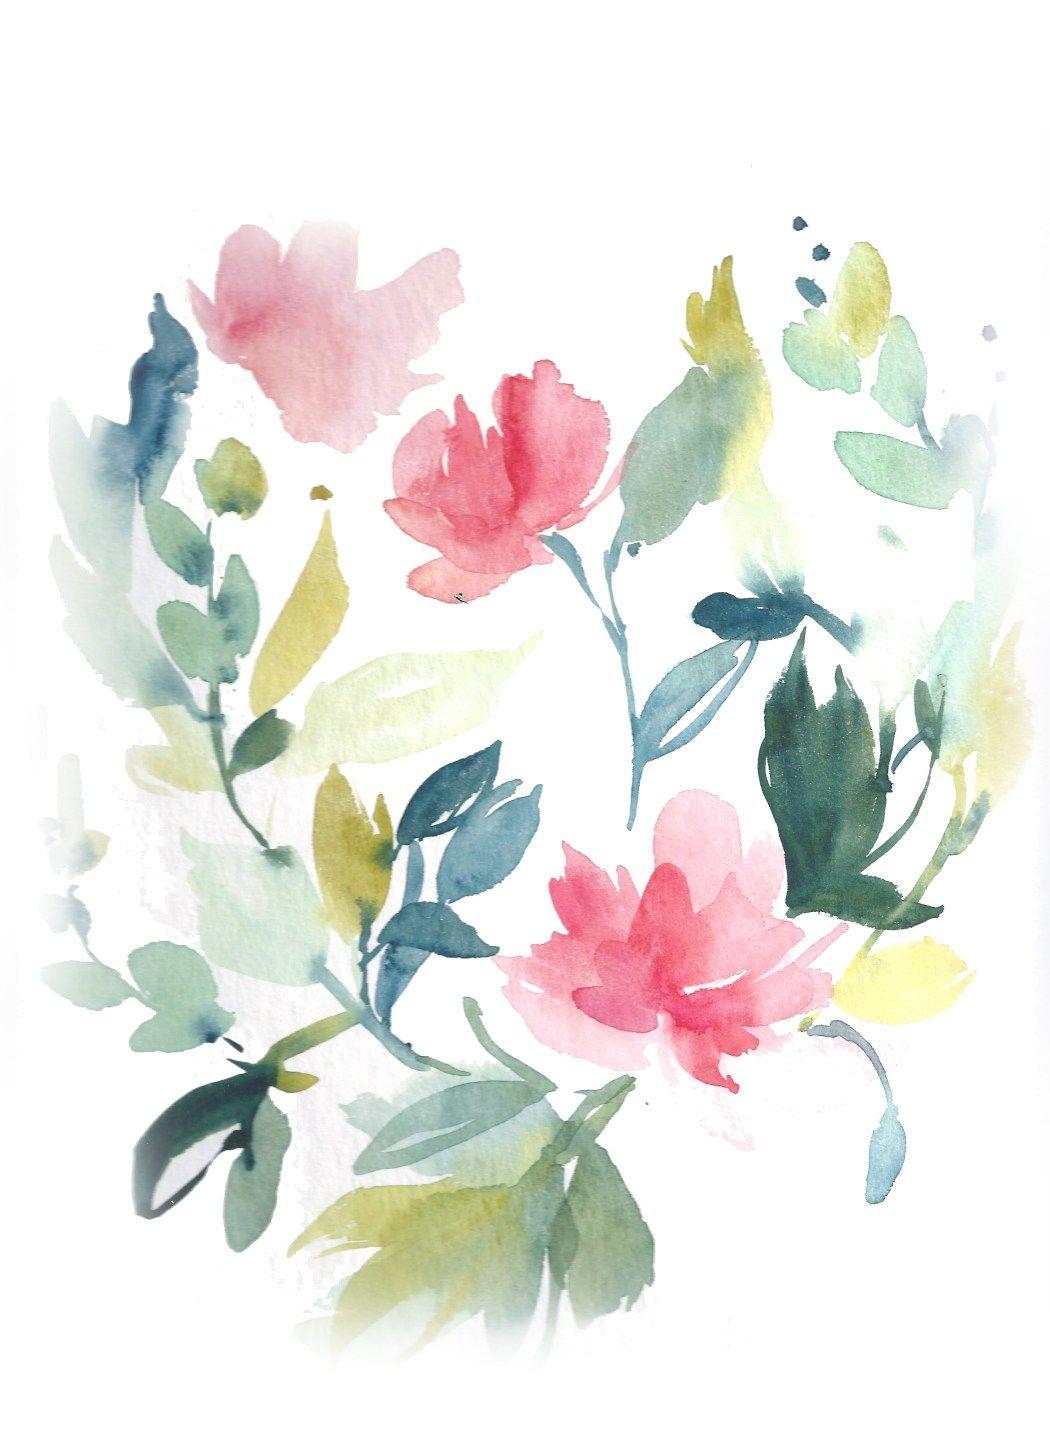 Epingle Par Dora Laszlo Sur Watercolour Nature Tutoriel Fleurs